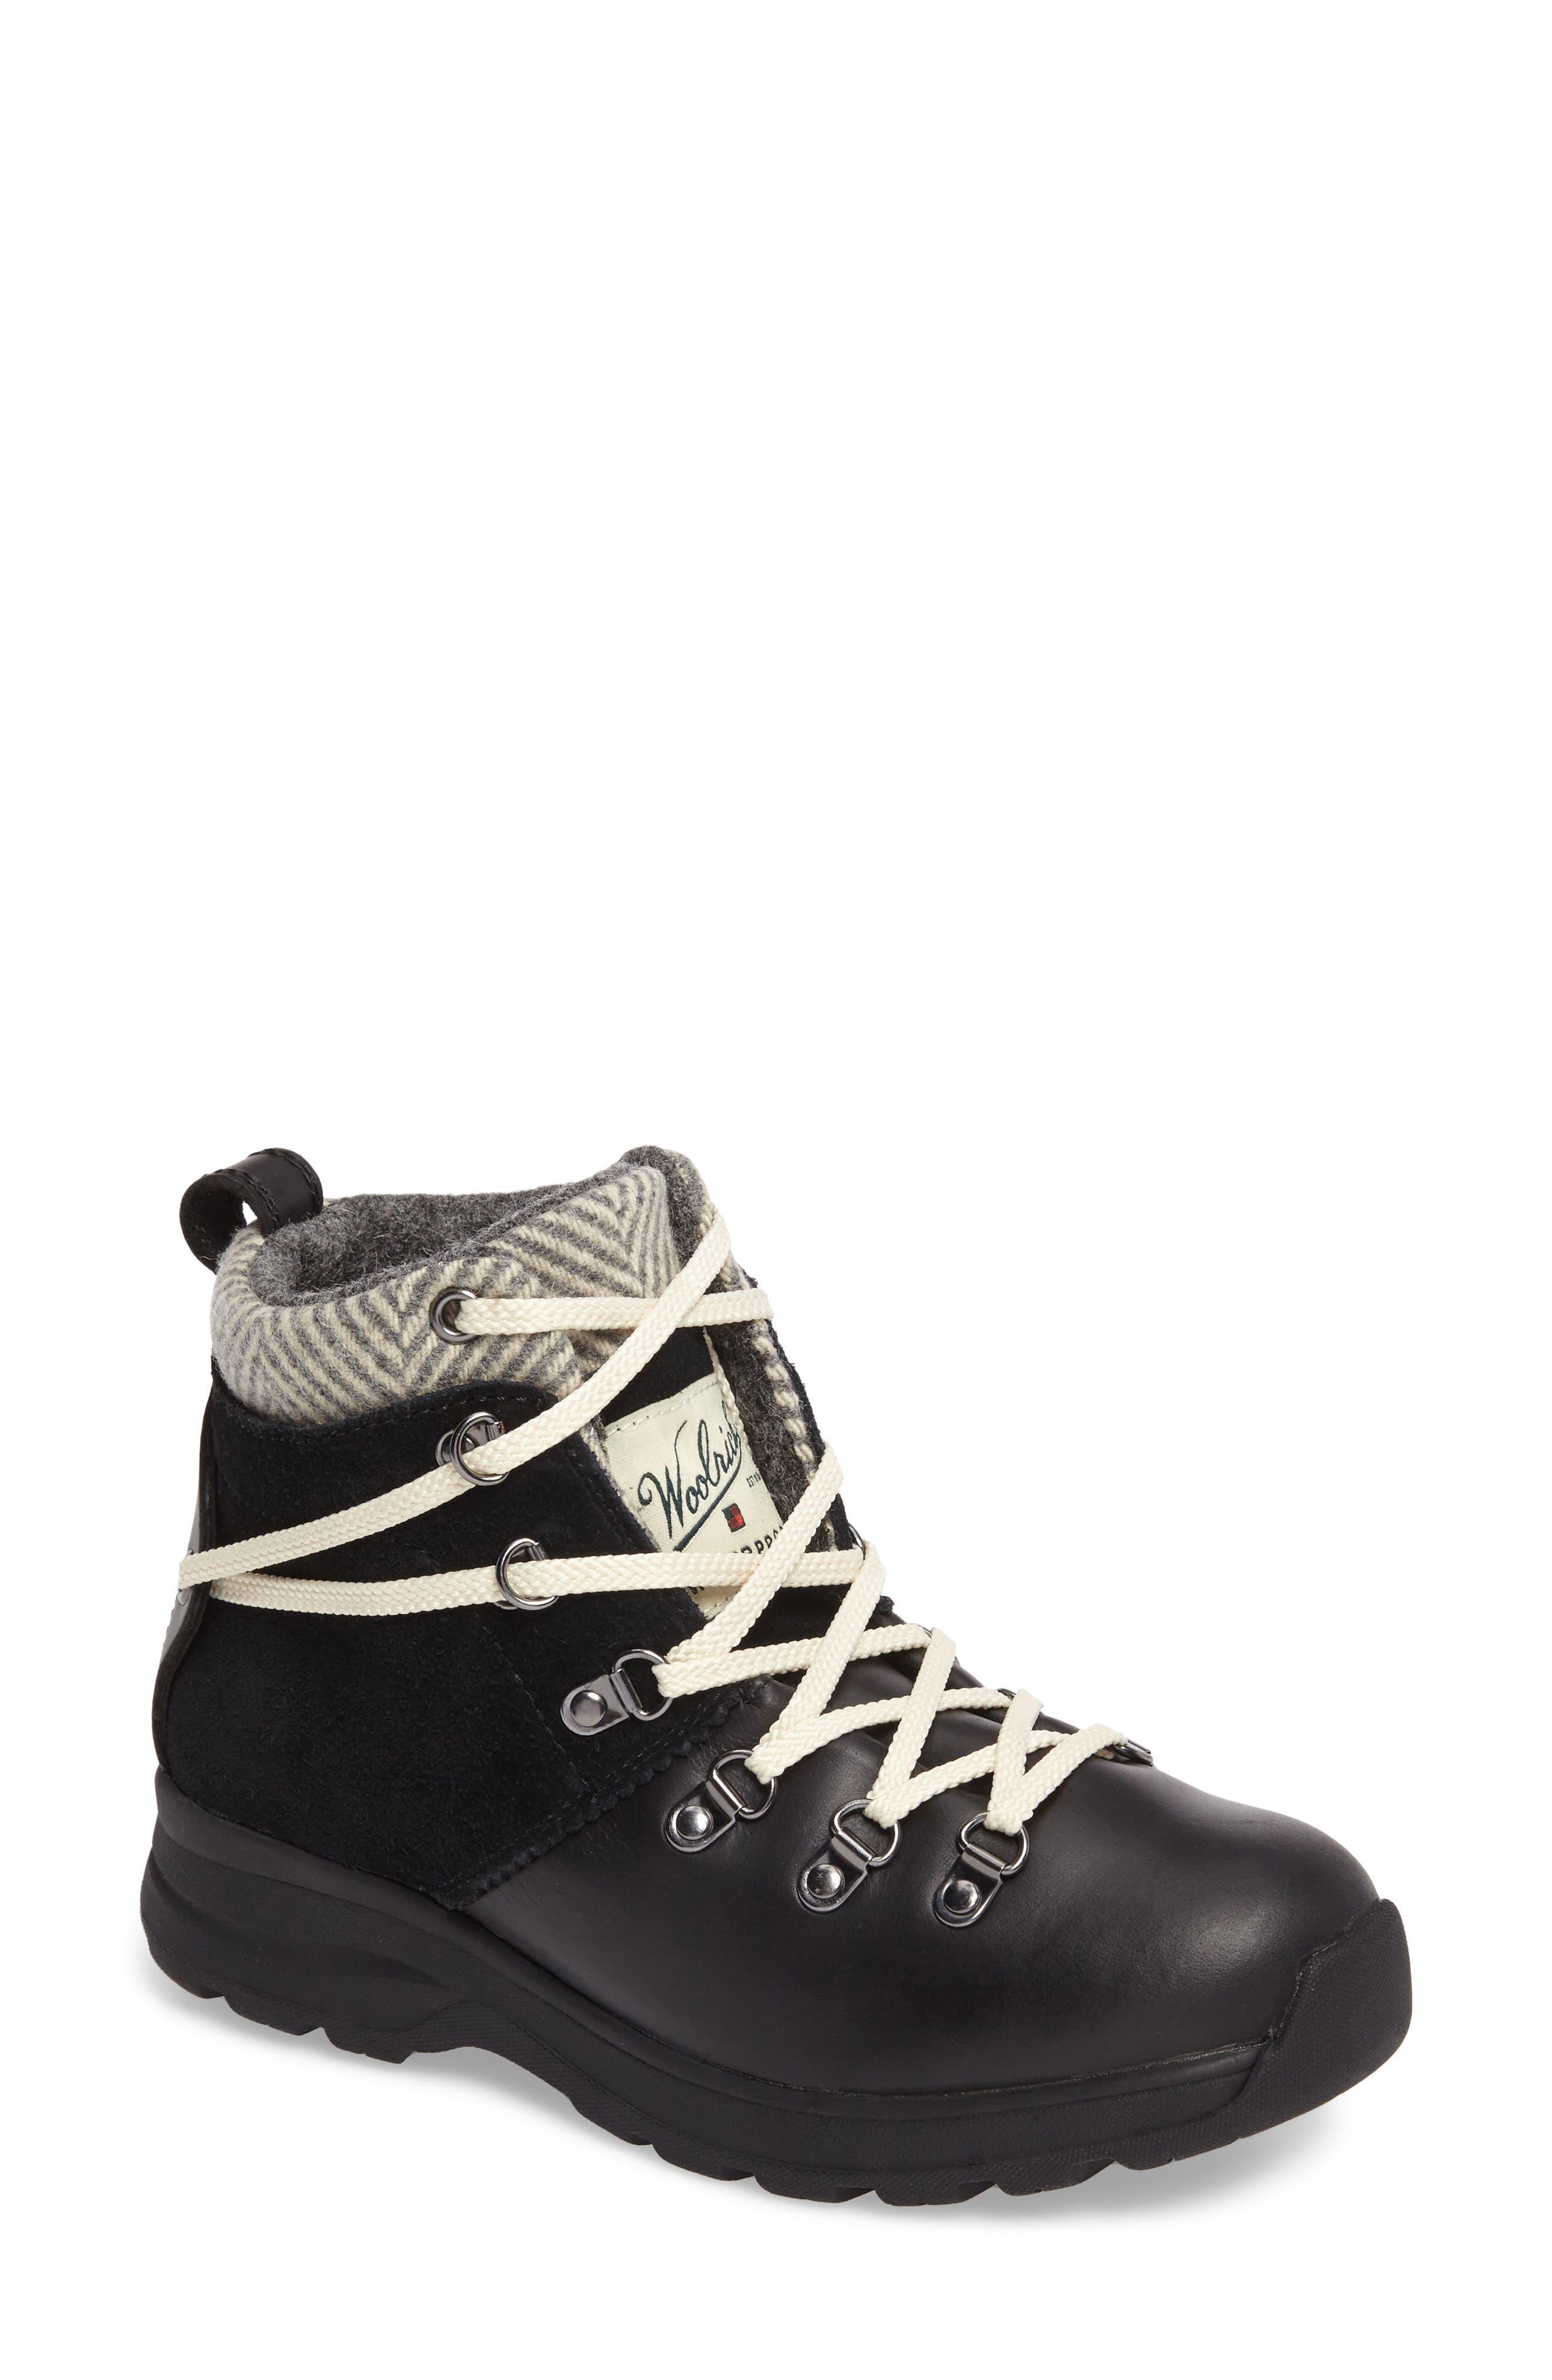 Rockies II Waterproof Hiking Boot,                         Main,                         color,